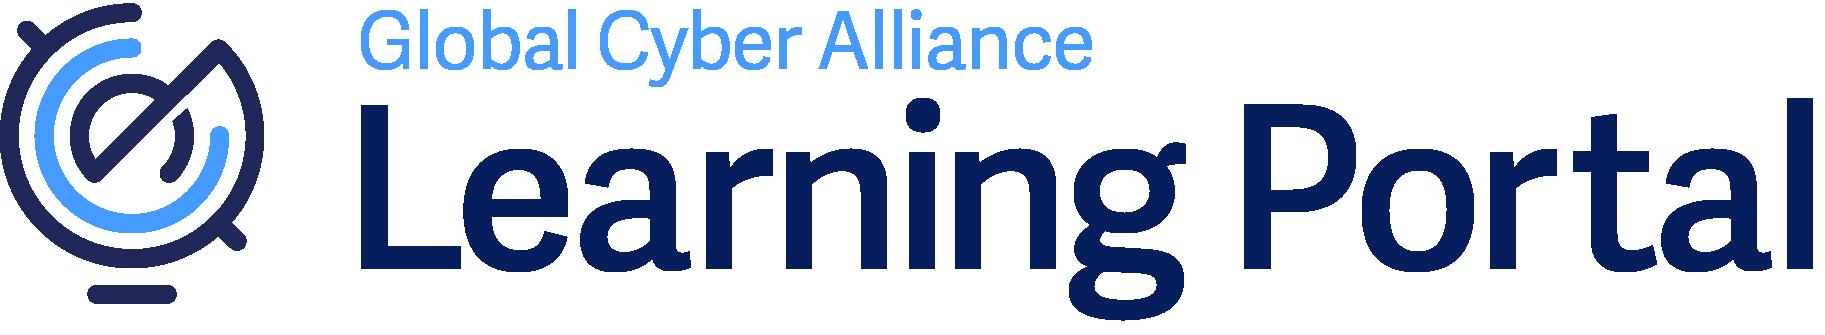 Global Cyber Alliance Learning Portal